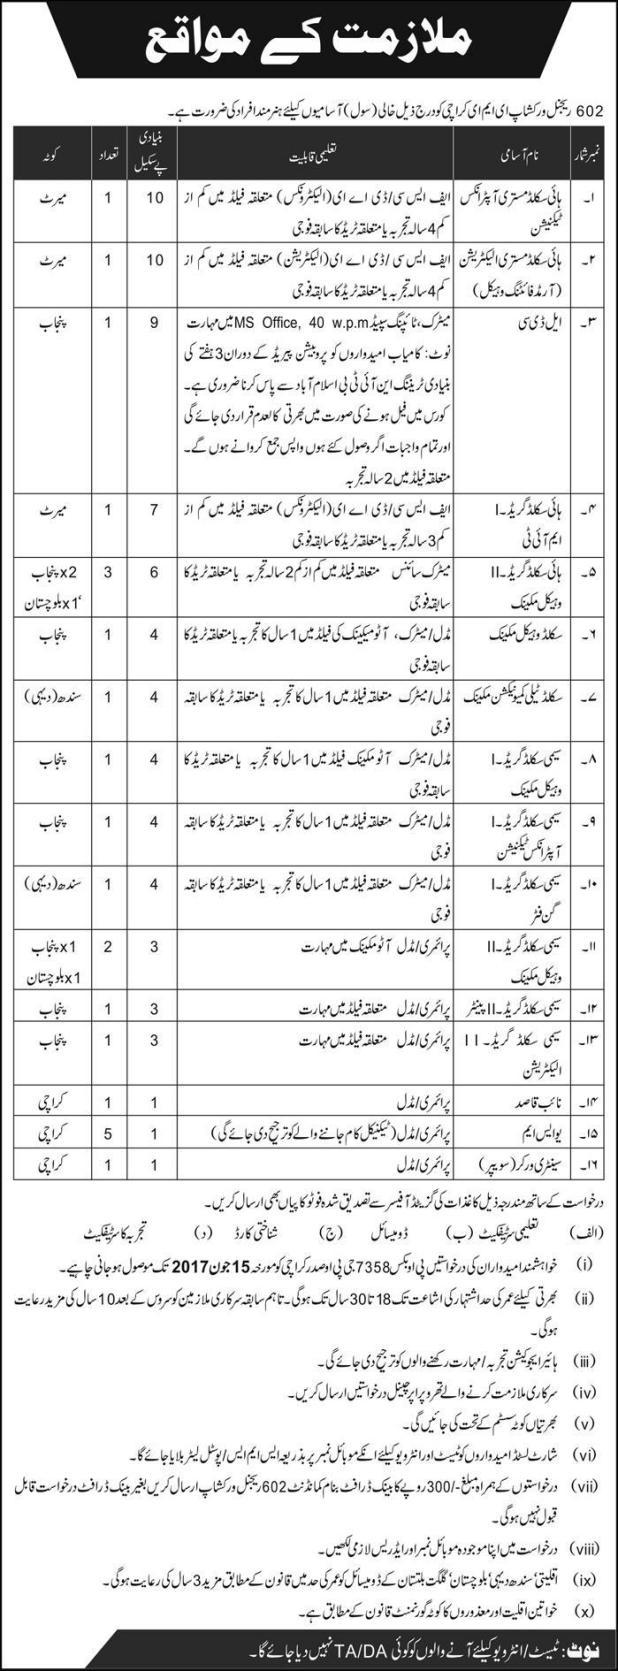 Pak Army 602 Regional Workshop EME Karachi Jobs 2017 Online Registration Test Schedule Eligibility Criteria